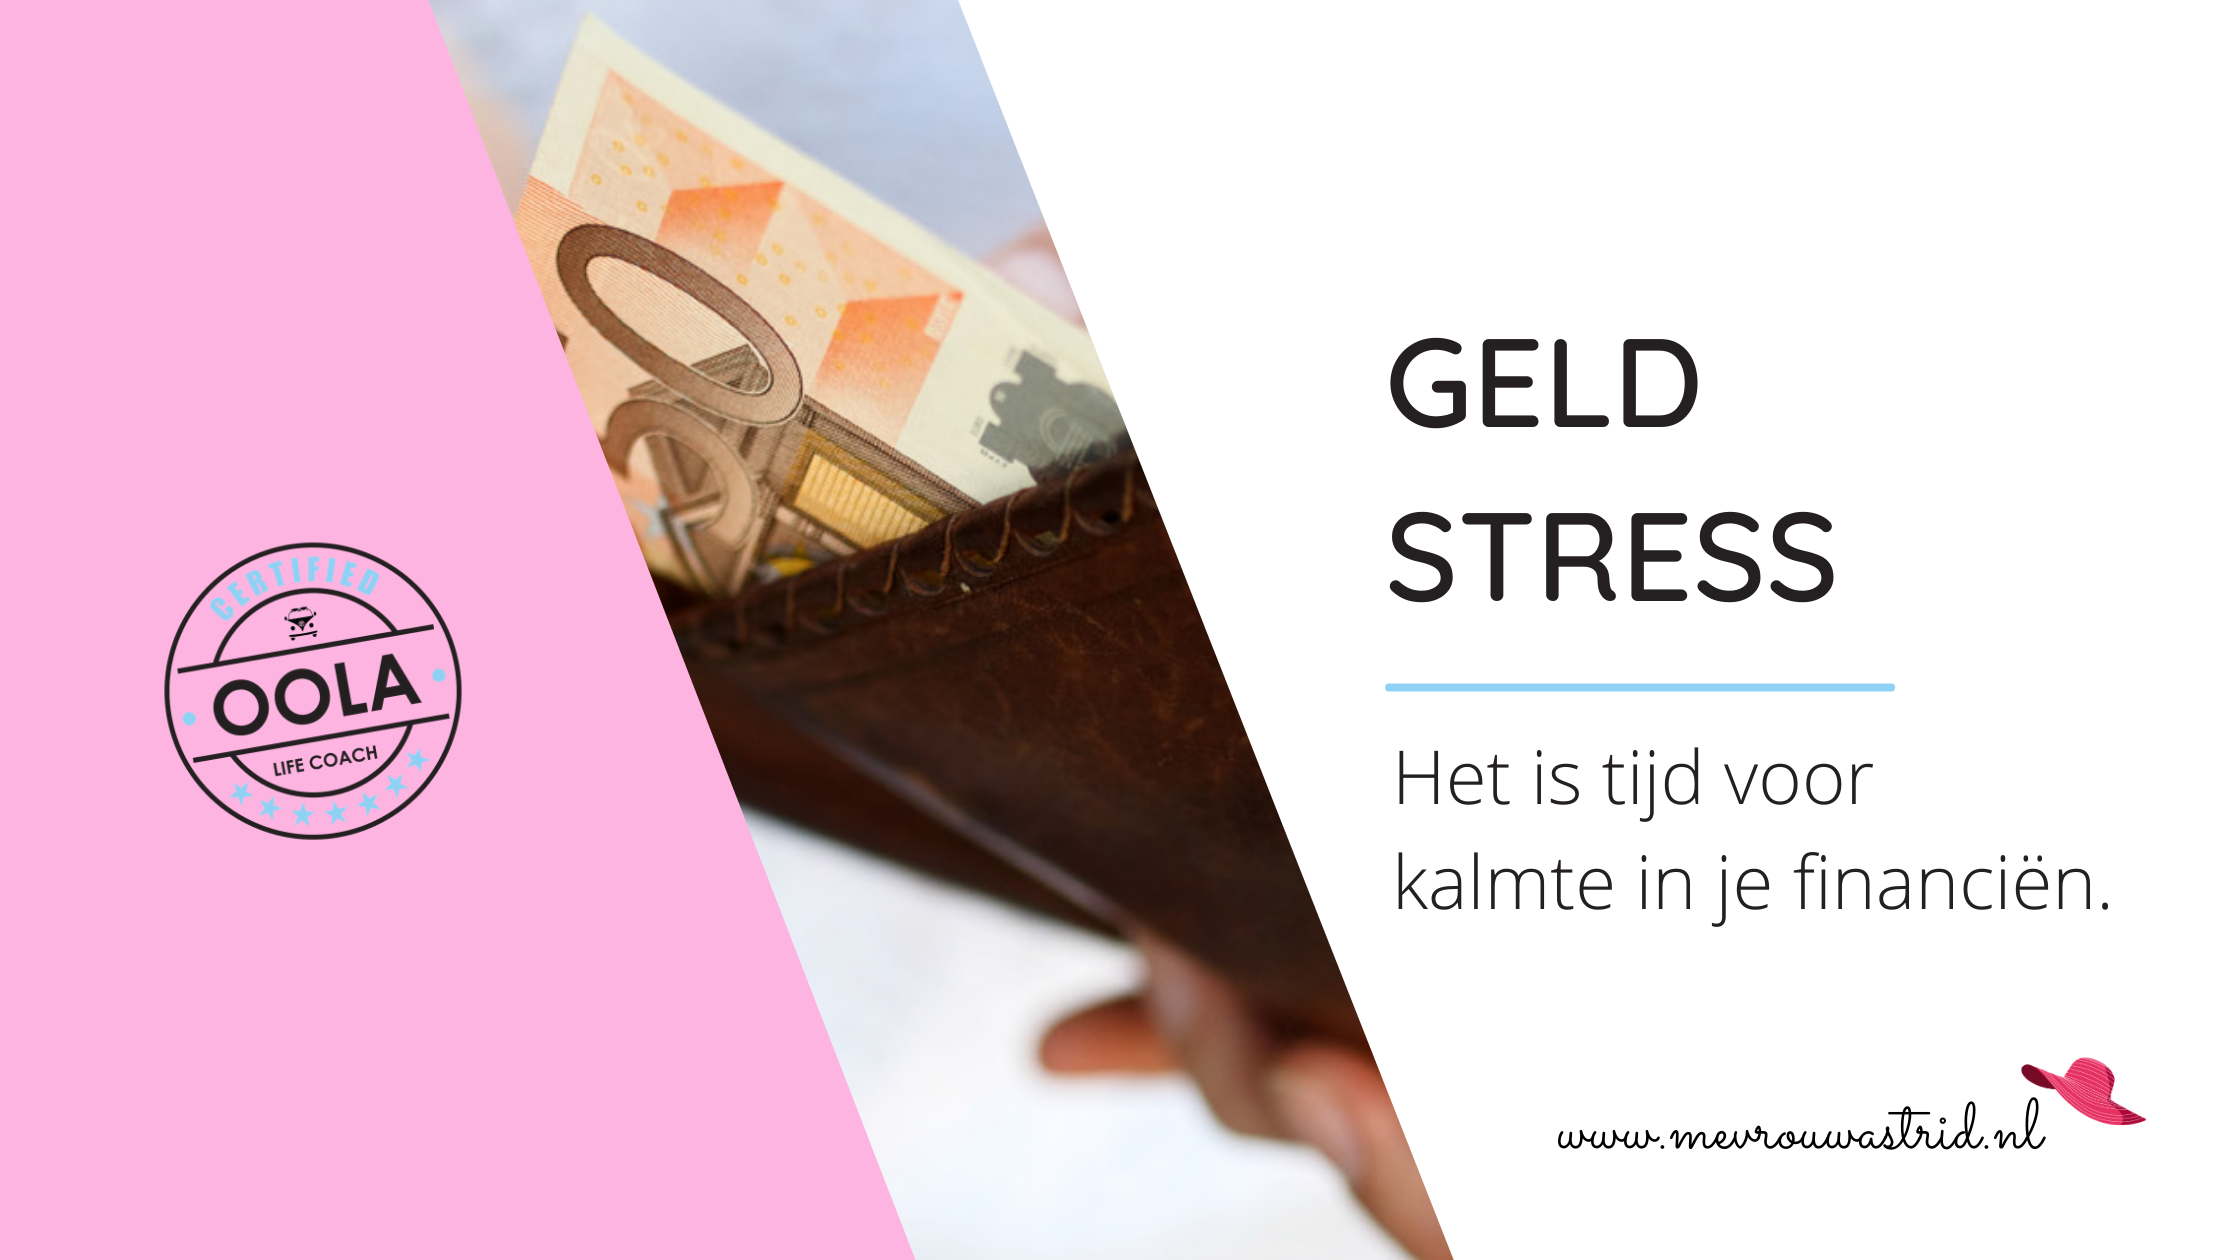 Hoe voorkom je financiële stress